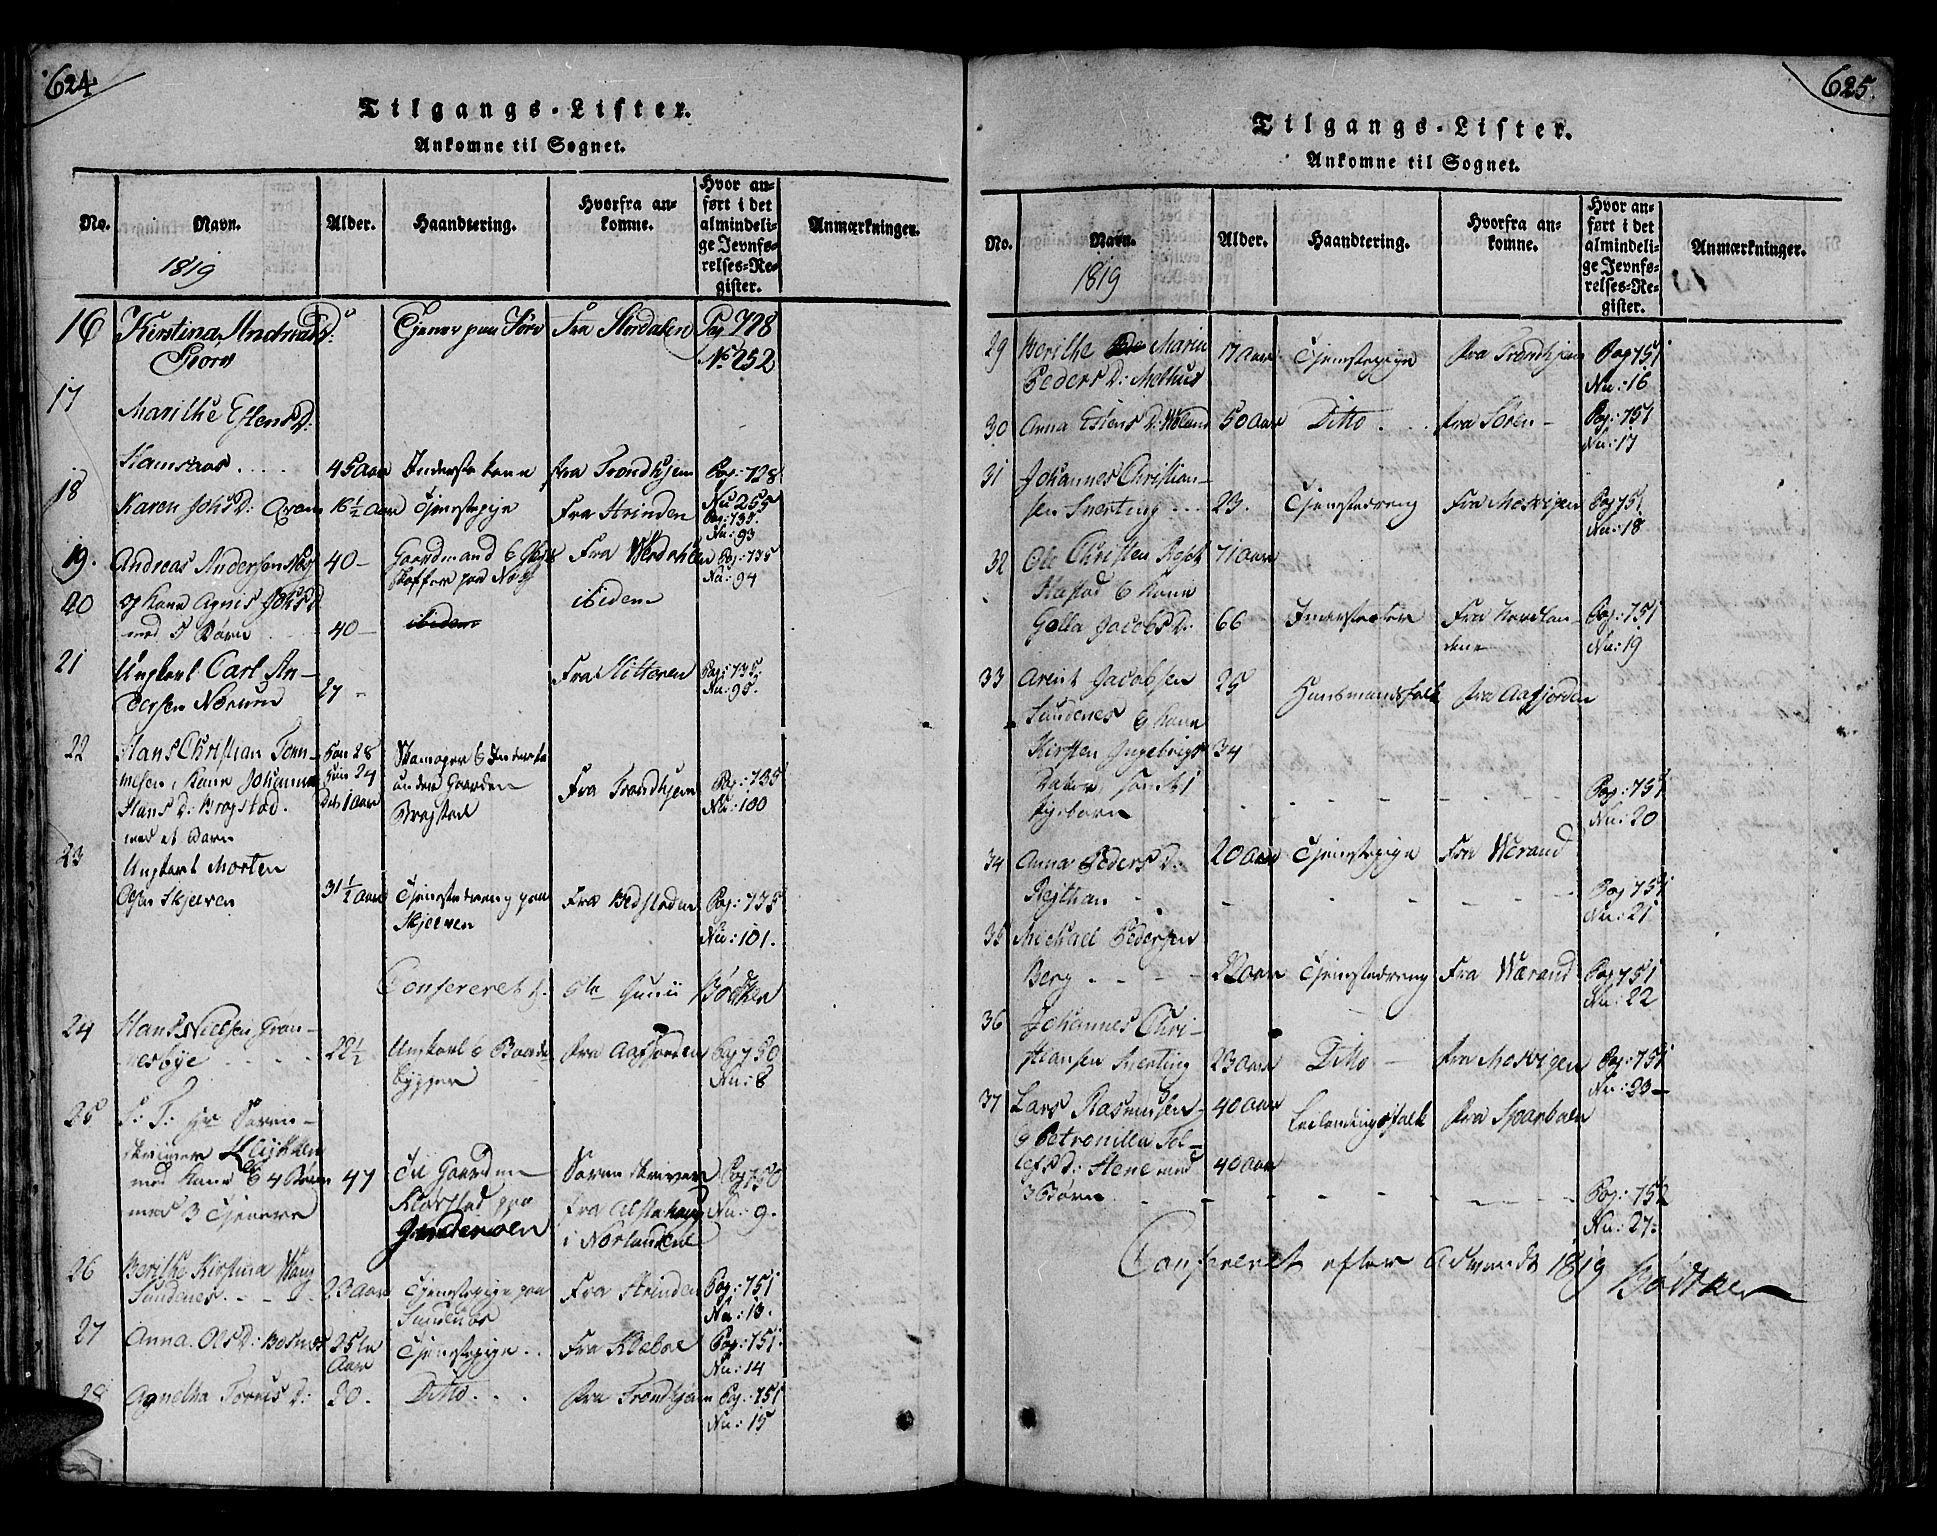 SAT, Ministerialprotokoller, klokkerbøker og fødselsregistre - Nord-Trøndelag, 730/L0275: Ministerialbok nr. 730A04, 1816-1822, s. 624-625